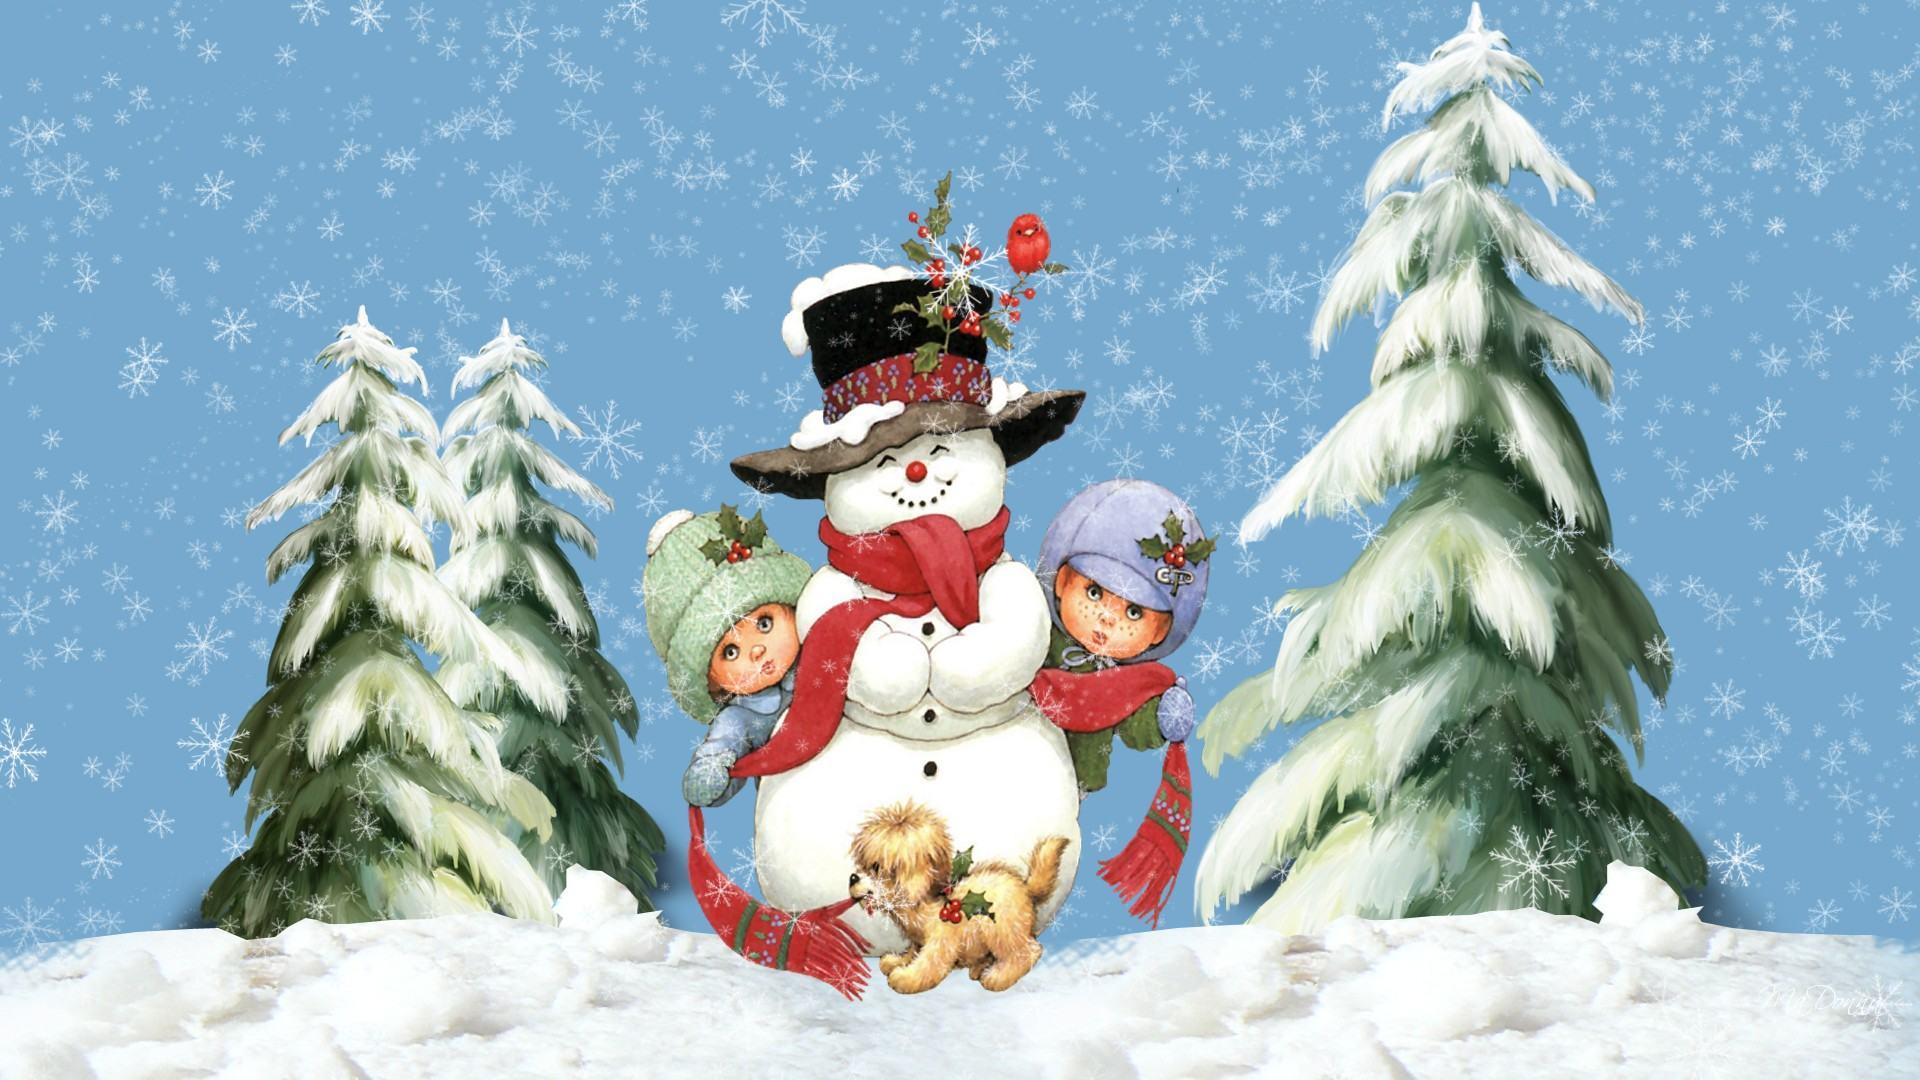 3d Snowy Cottage Animated Wallpaper Windows 7 Fonds D 233 Cran De Noel Hd 224 T 233 L 233 Charger Gratuit